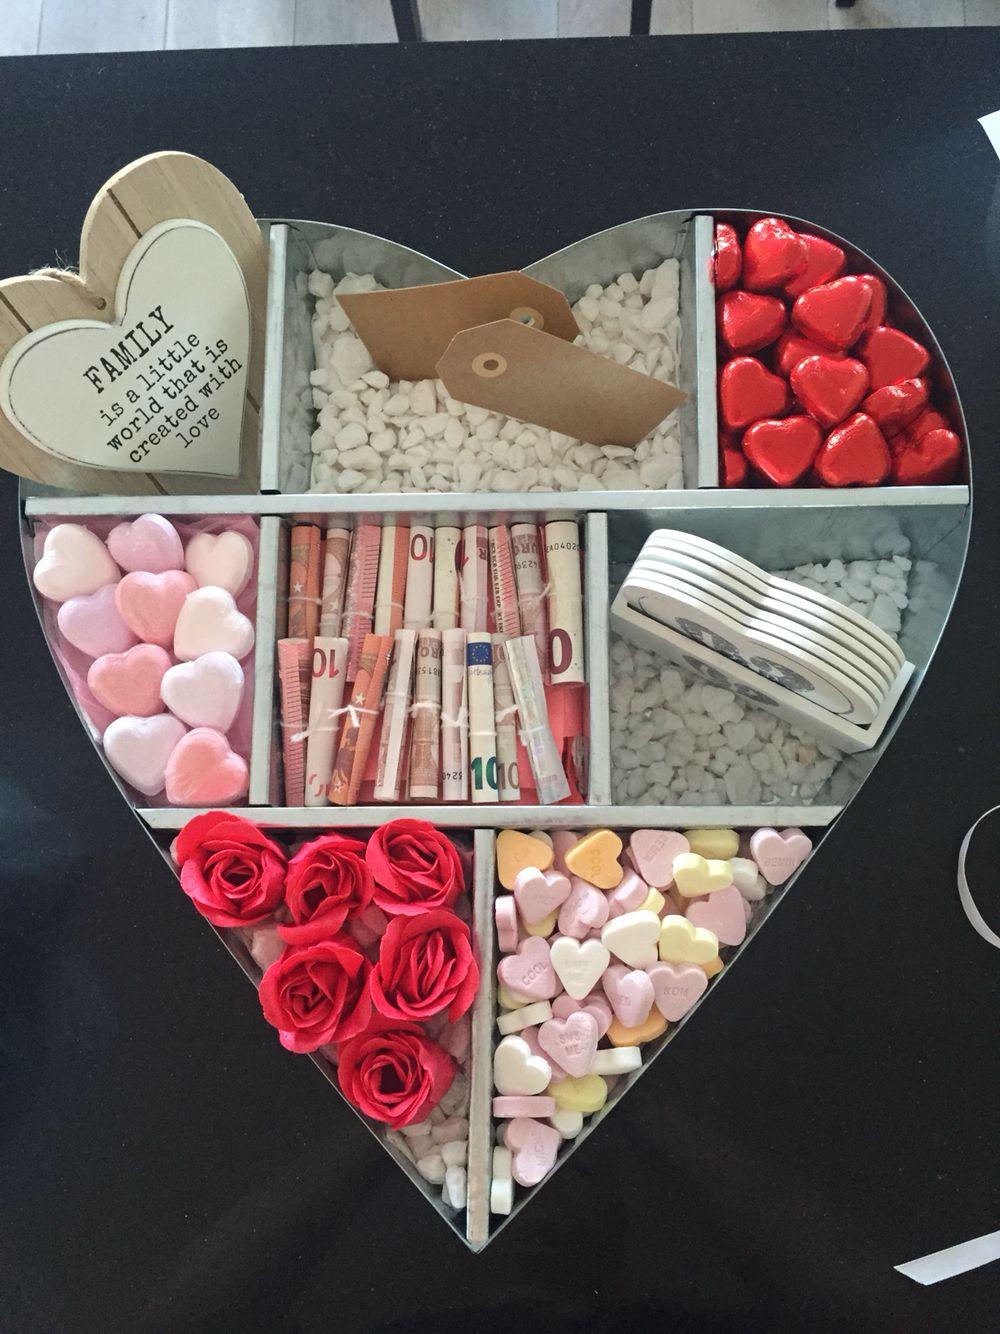 eine geschenk kiste voller liebe tolle diy idee um liebe zu verschenken geschenkideen. Black Bedroom Furniture Sets. Home Design Ideas